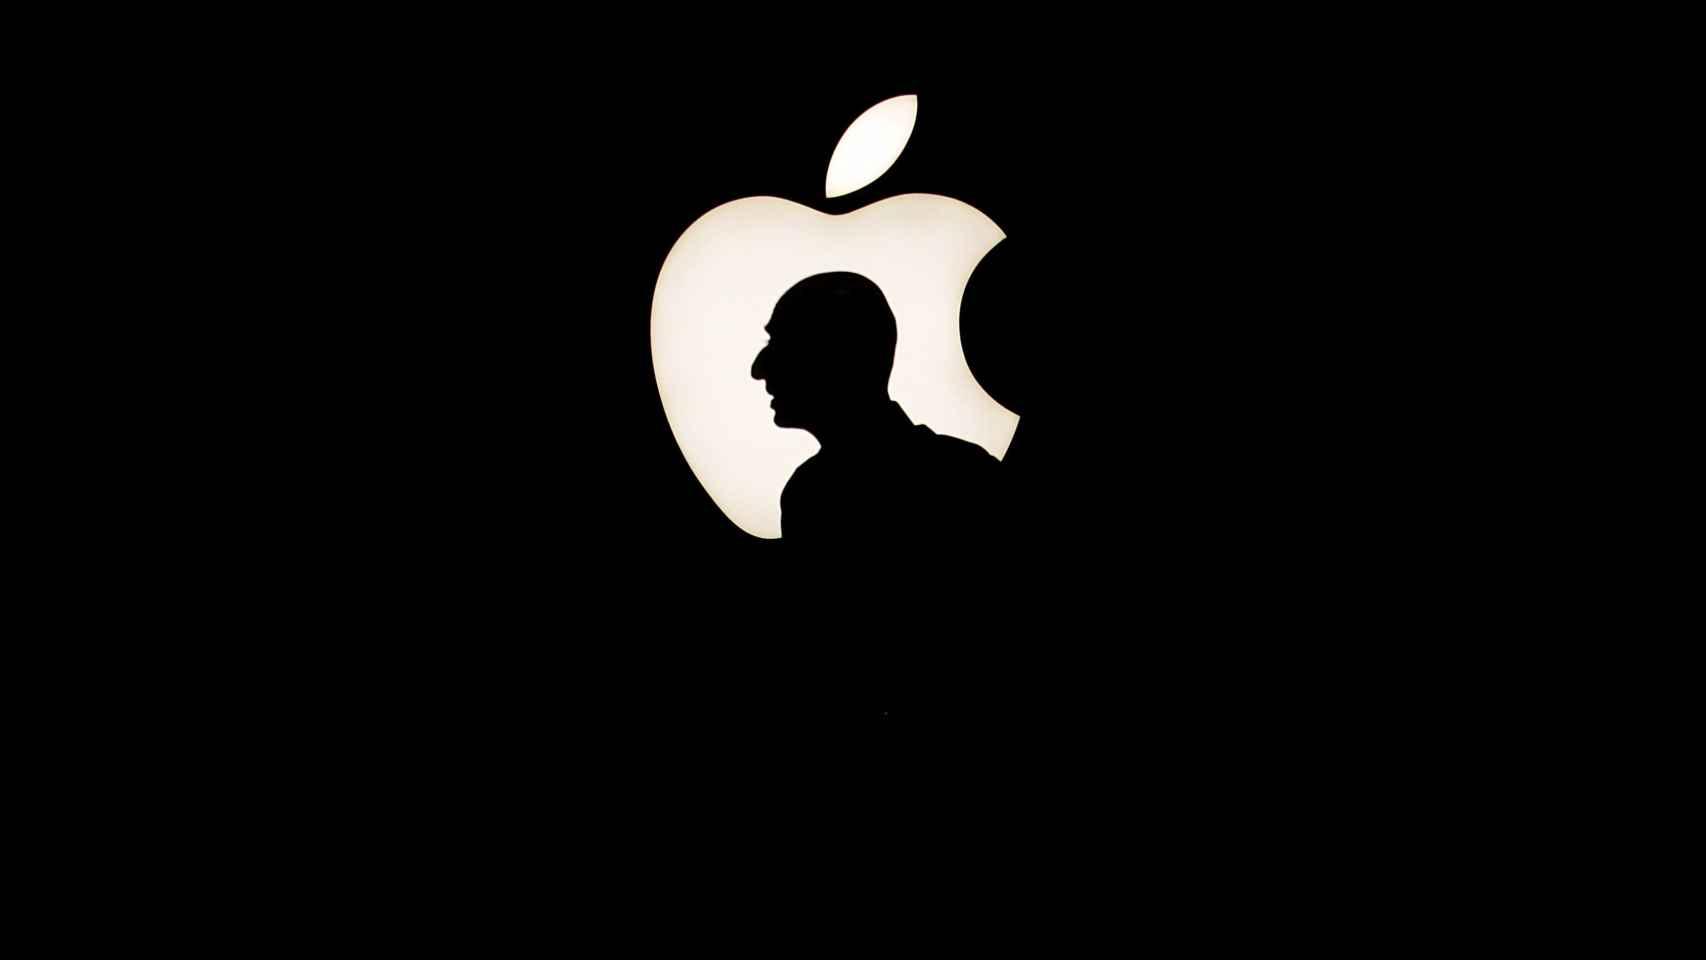 La compañía de la manzana, ¿defensora de la privacidad?